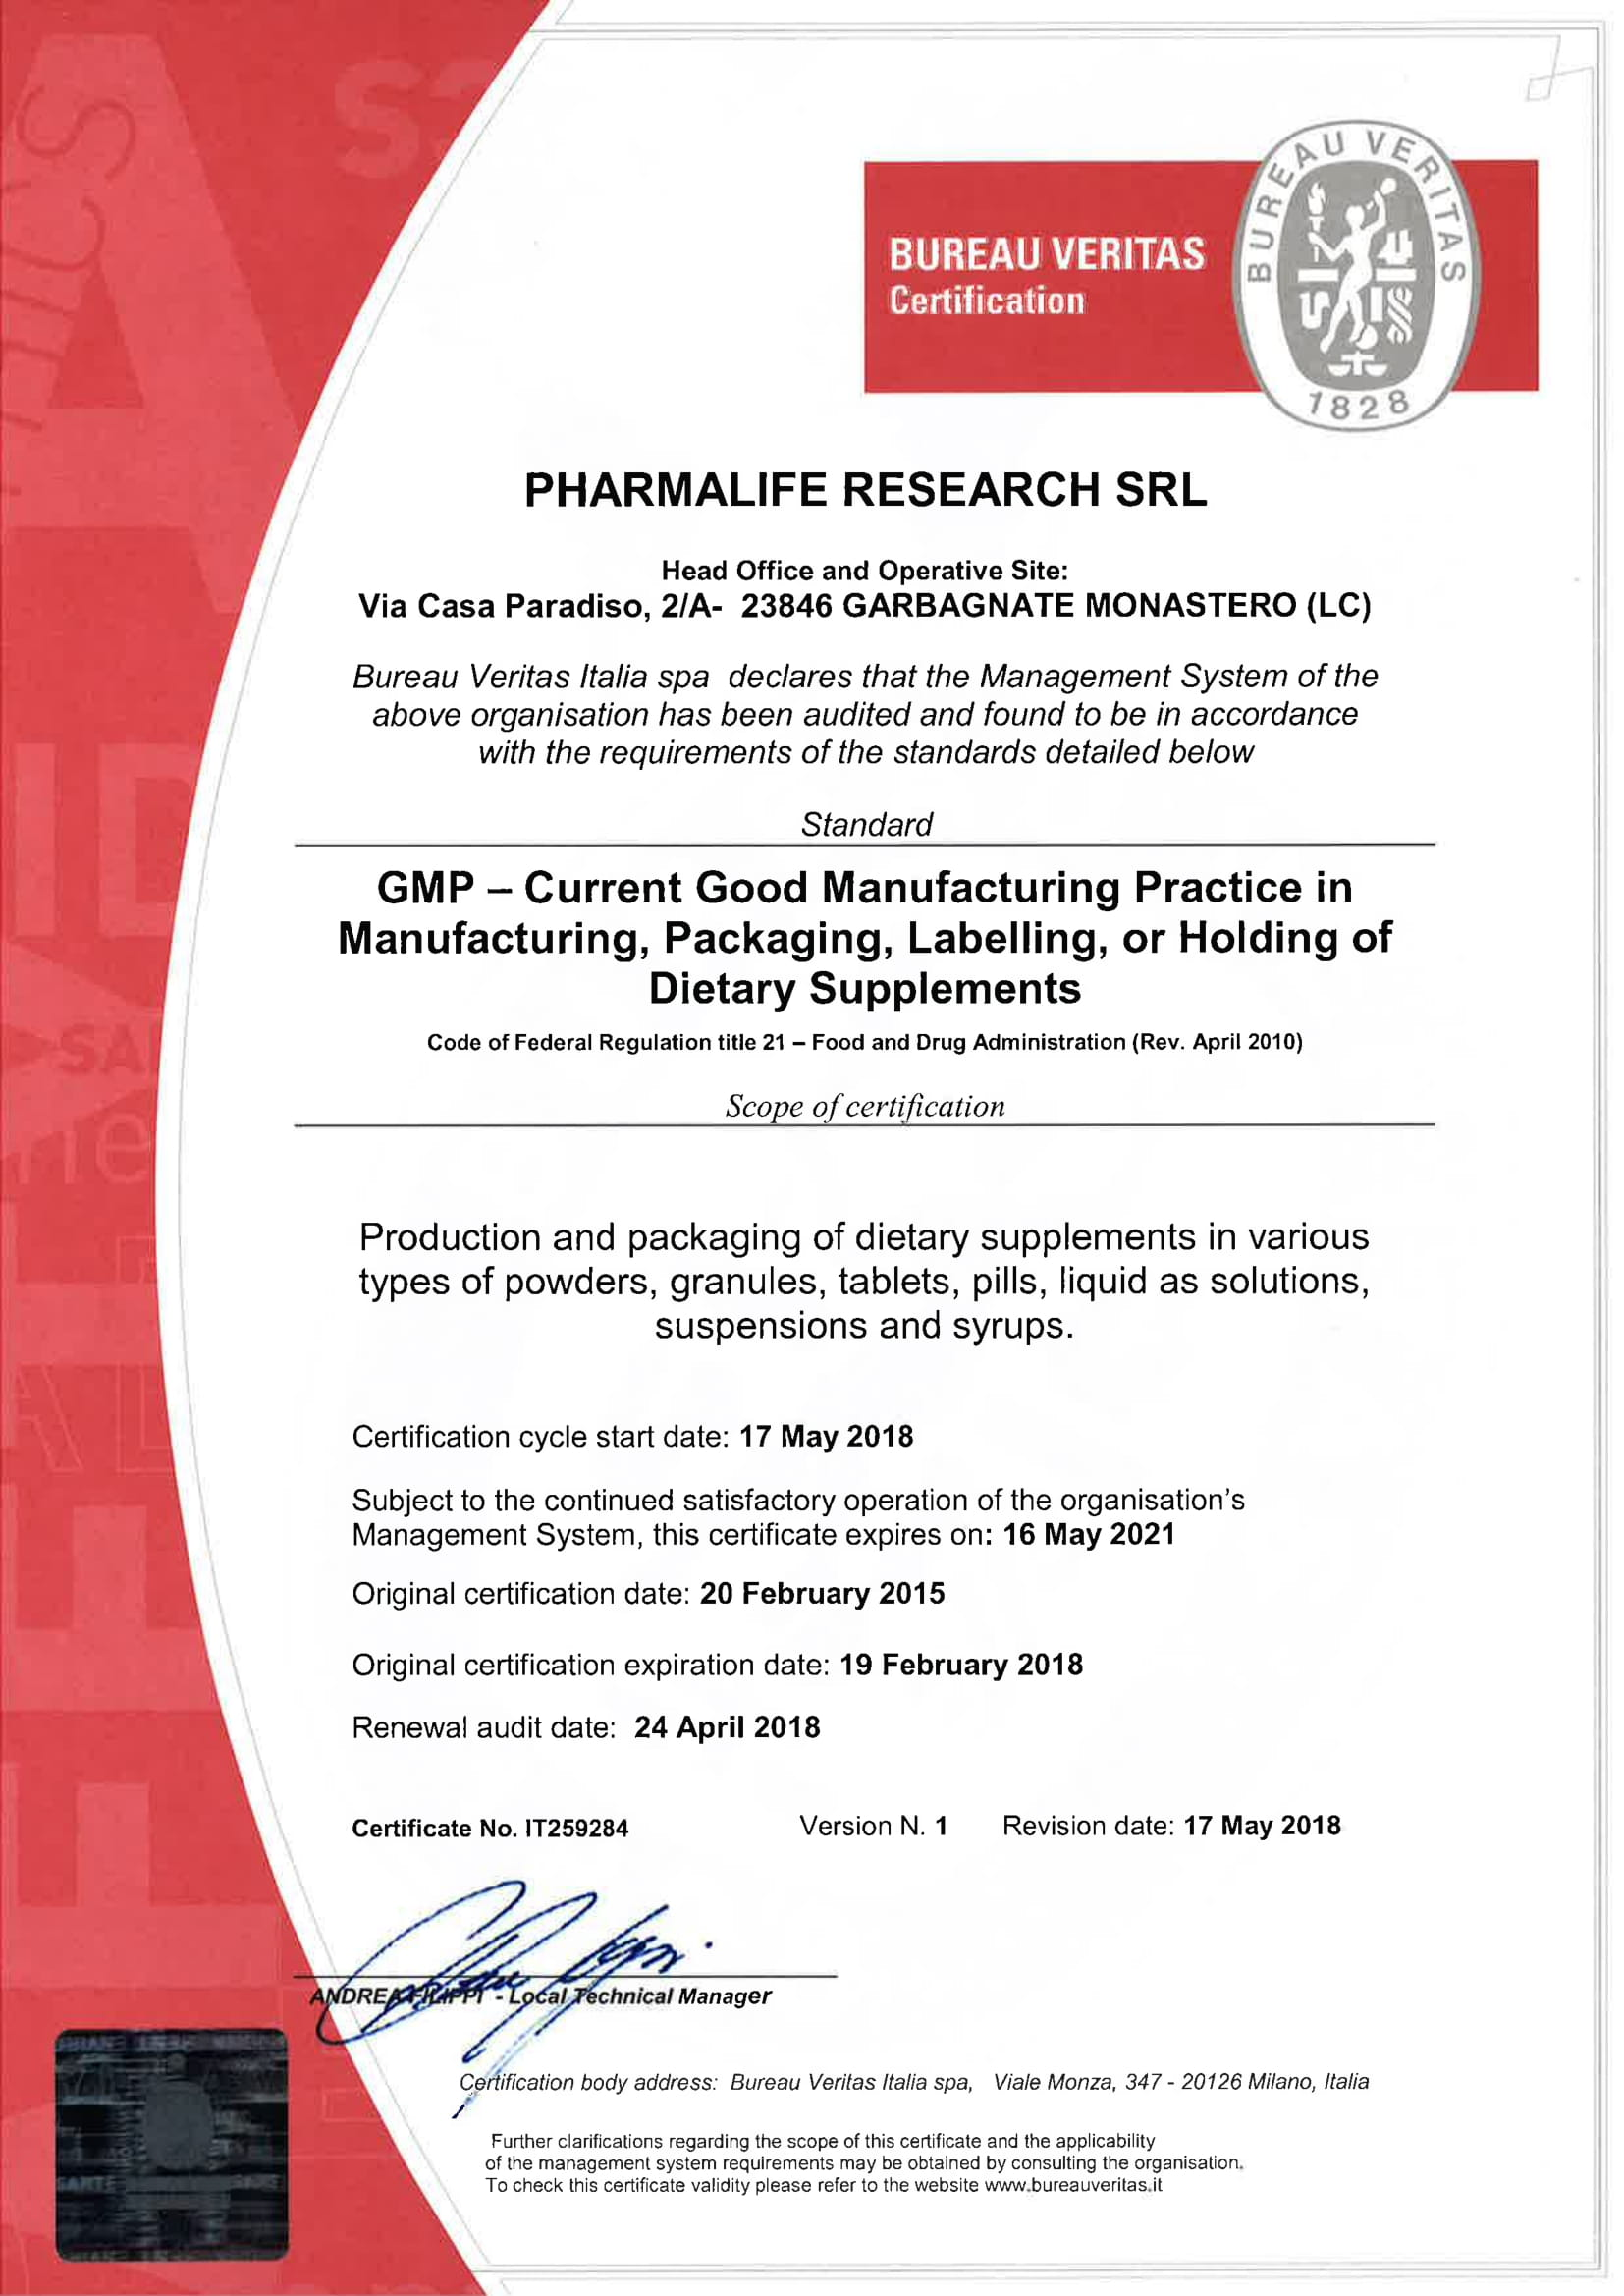 PHARMALIFE RESEARCH SRL - CERT GMP ENG-1